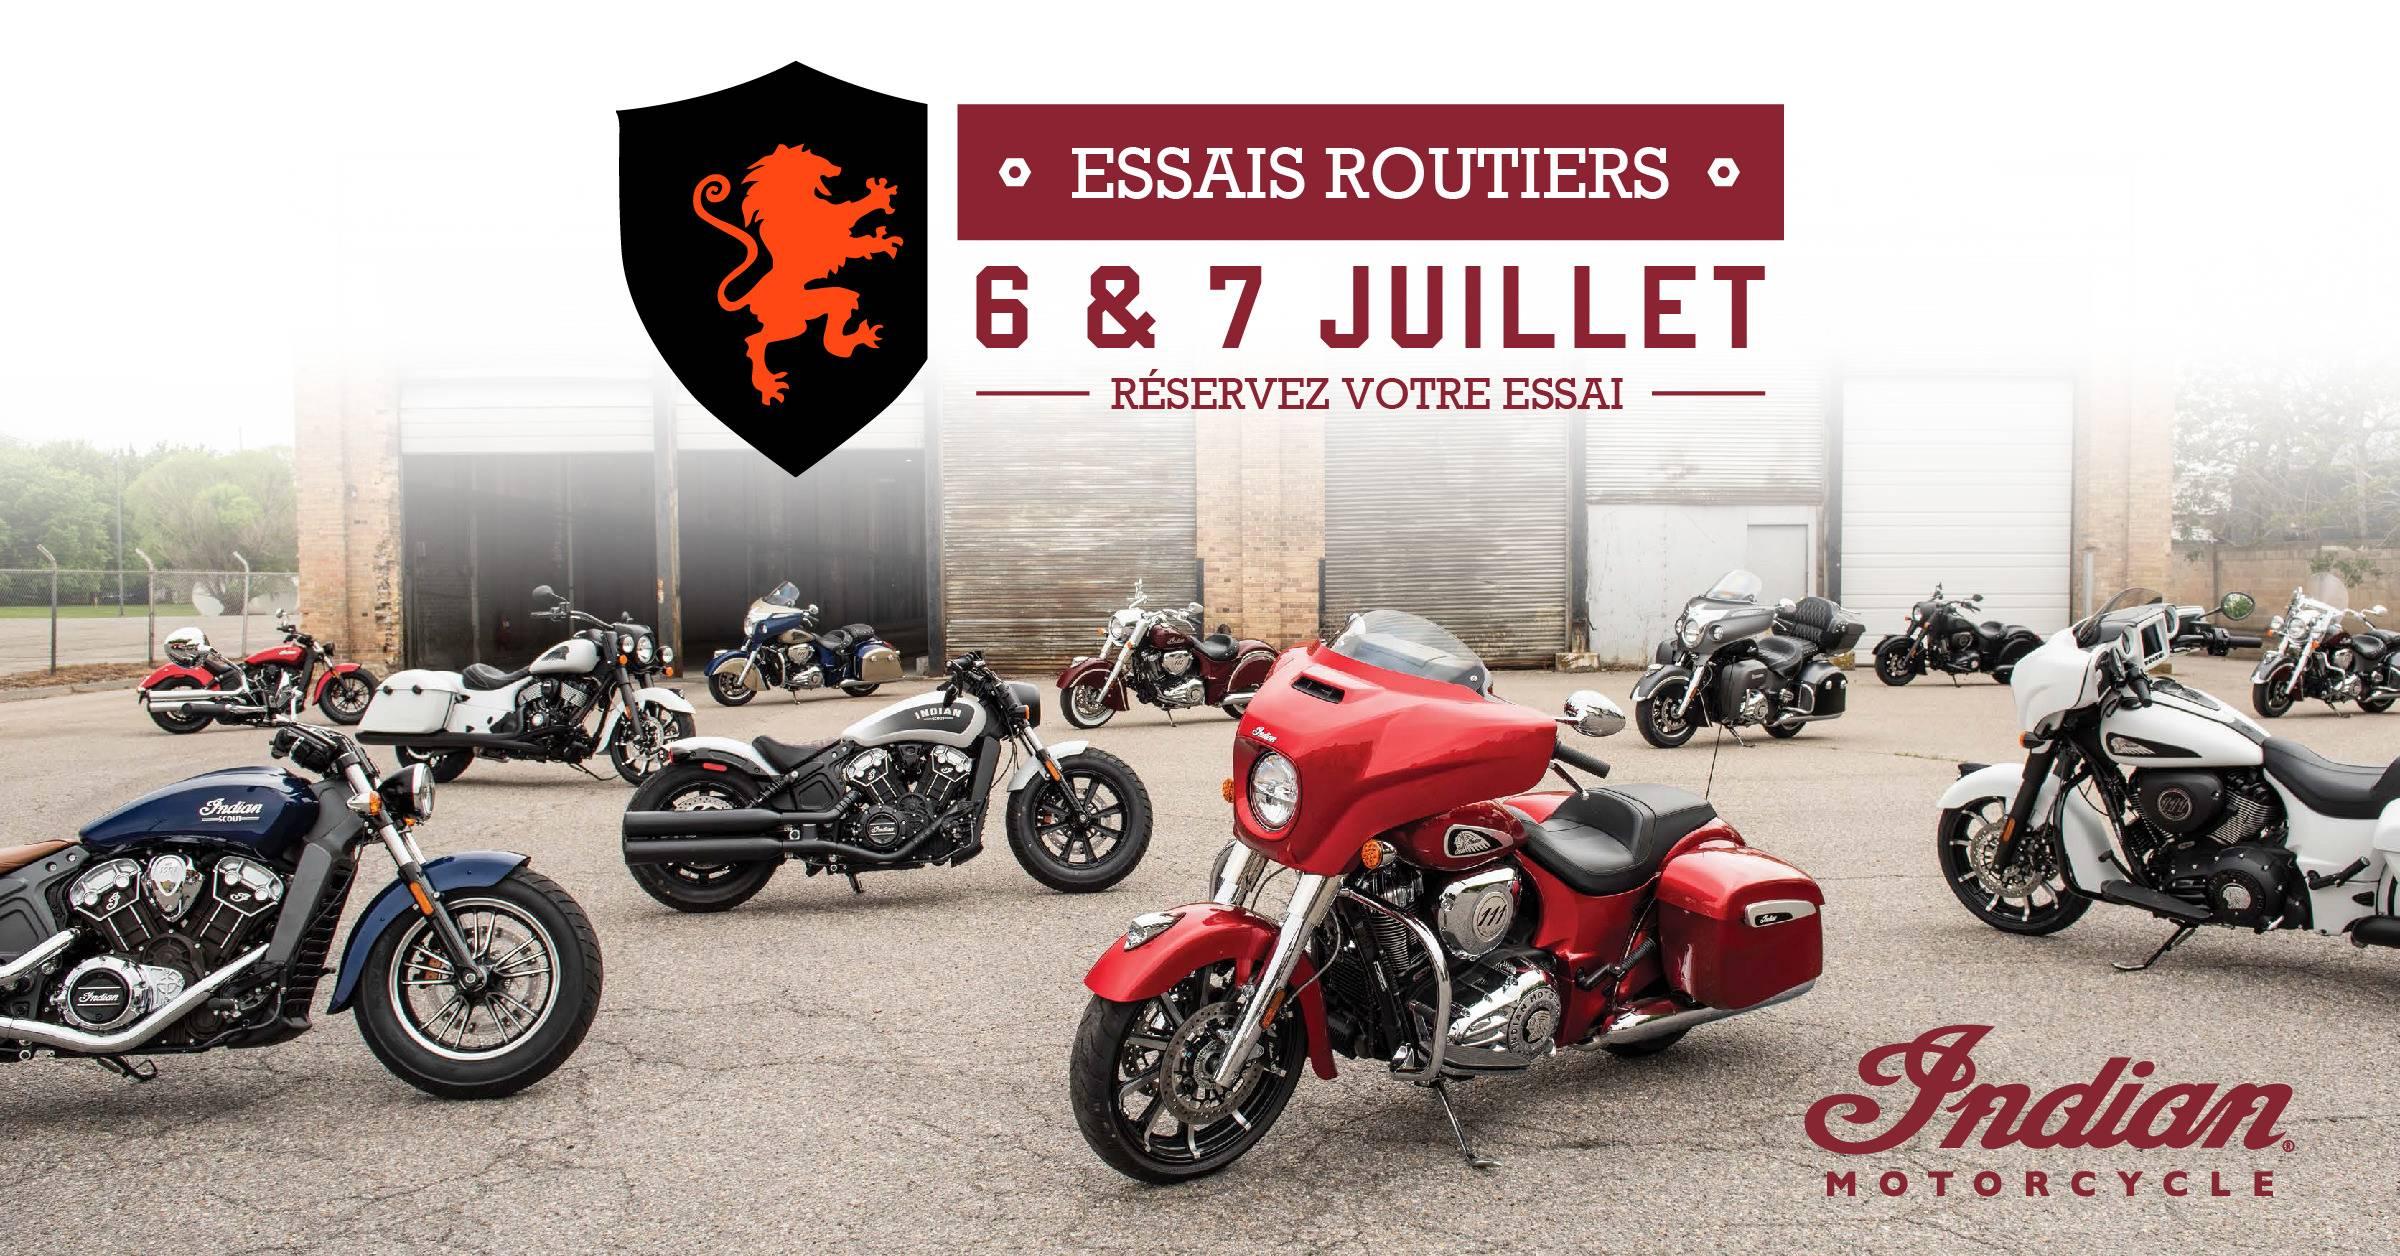 Journées d'essais Indian Motorcycle - 6 & 7 juillet